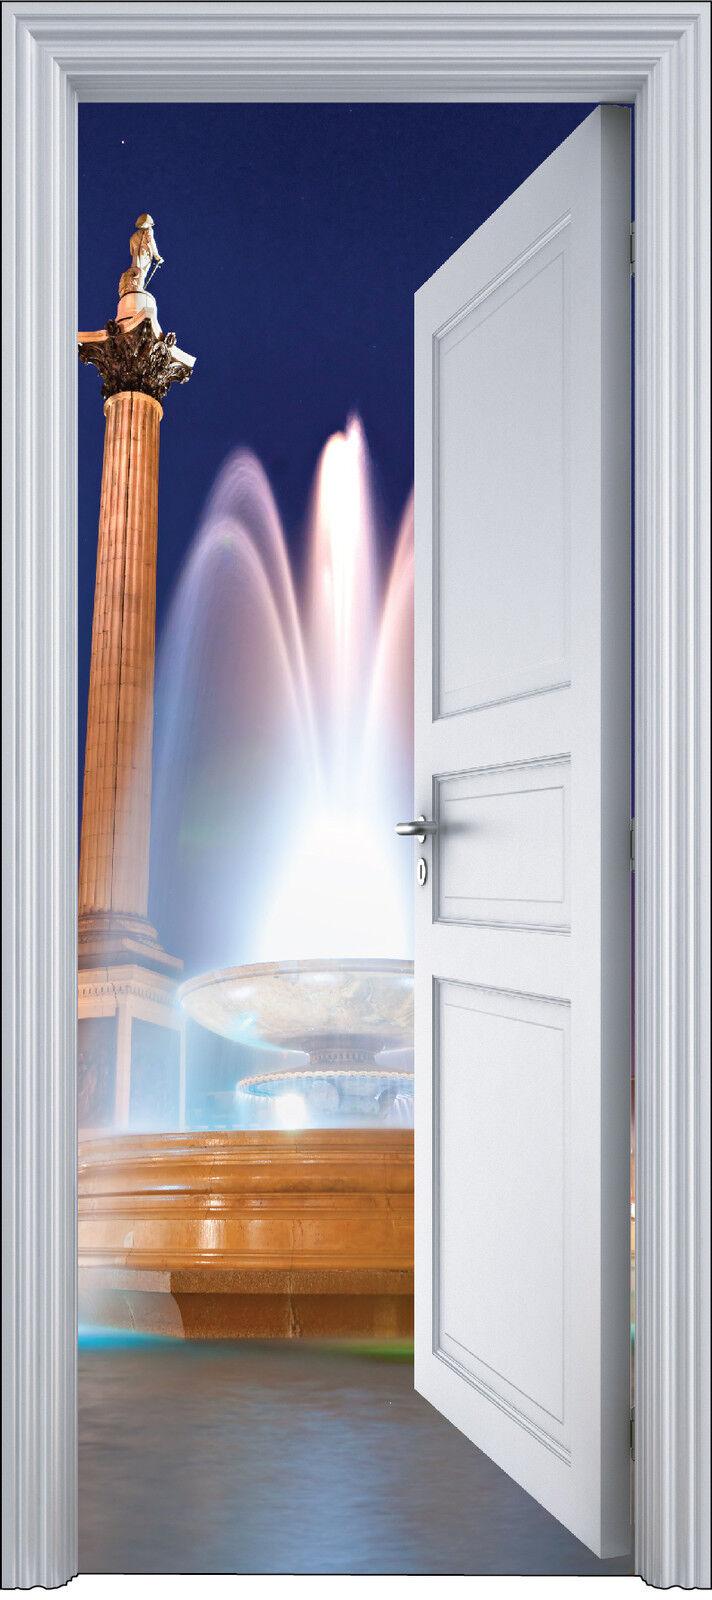 Adhesivo Puerta Trompa Trampantojo Decoración Fontaine 90x200 cm Ref 2129